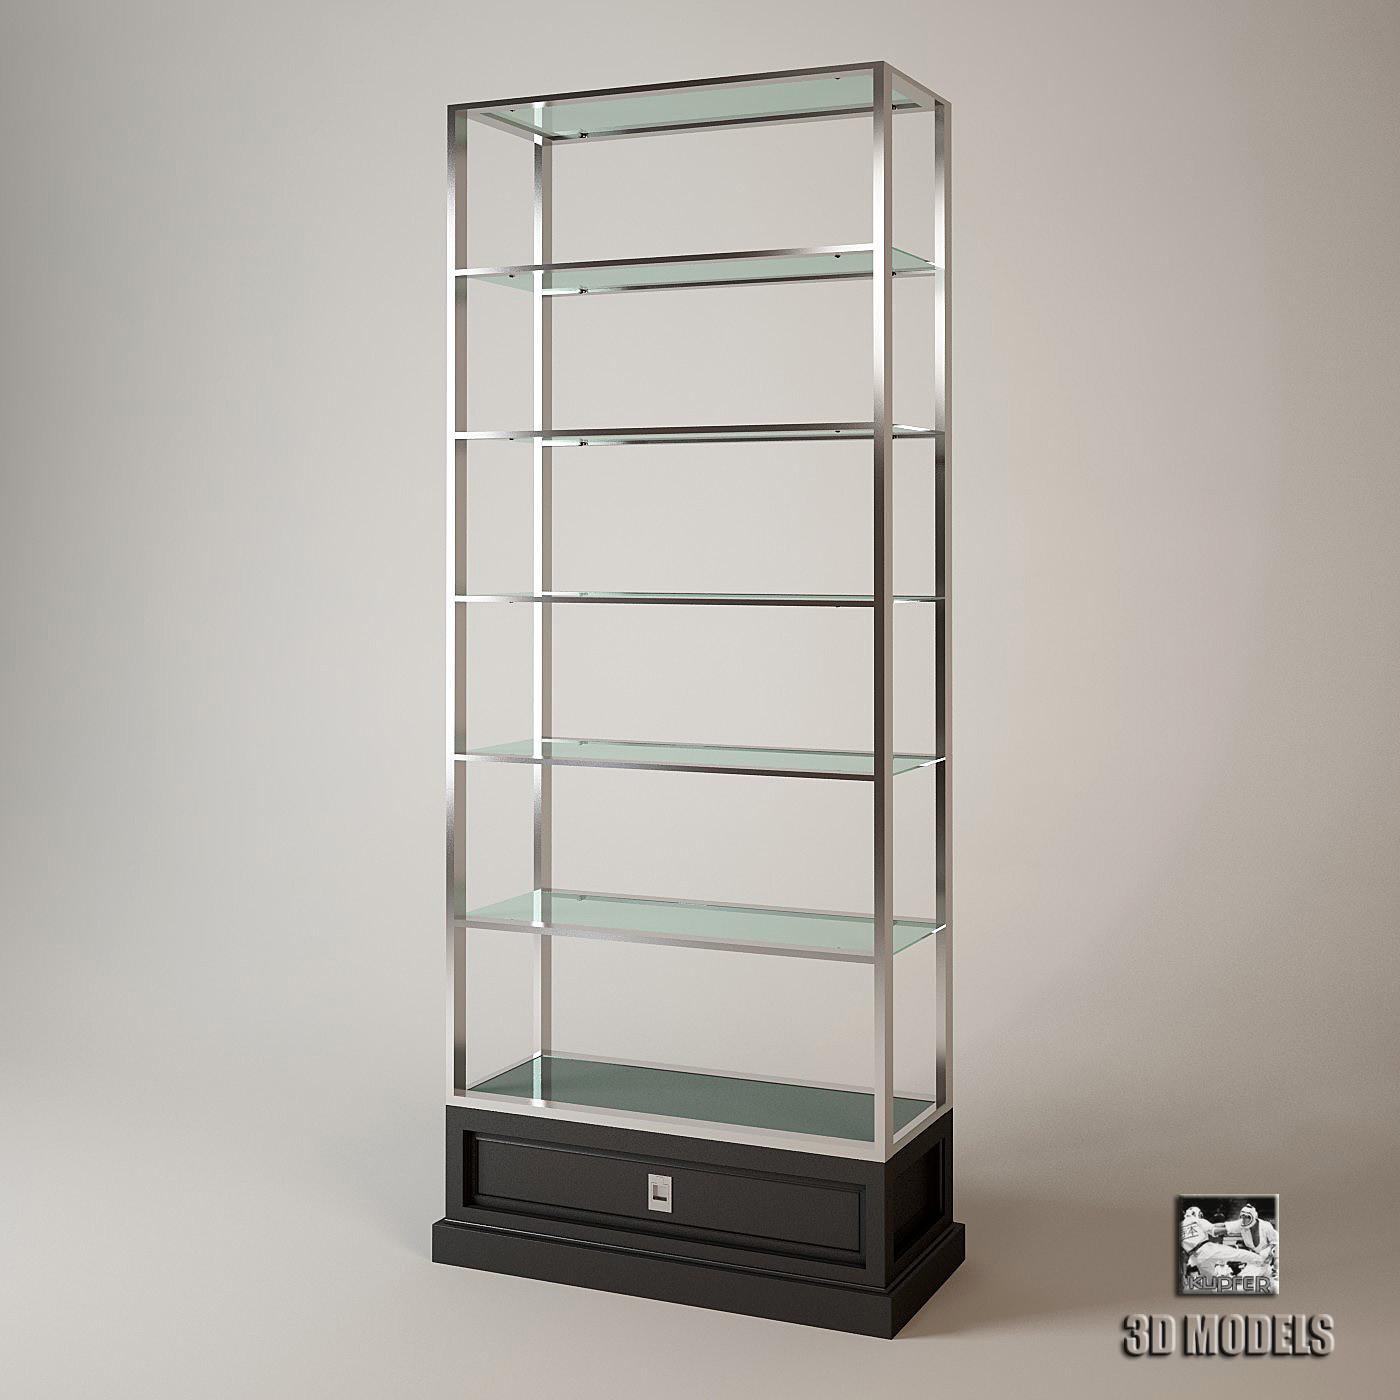 eichholtz cabinet form 3d model